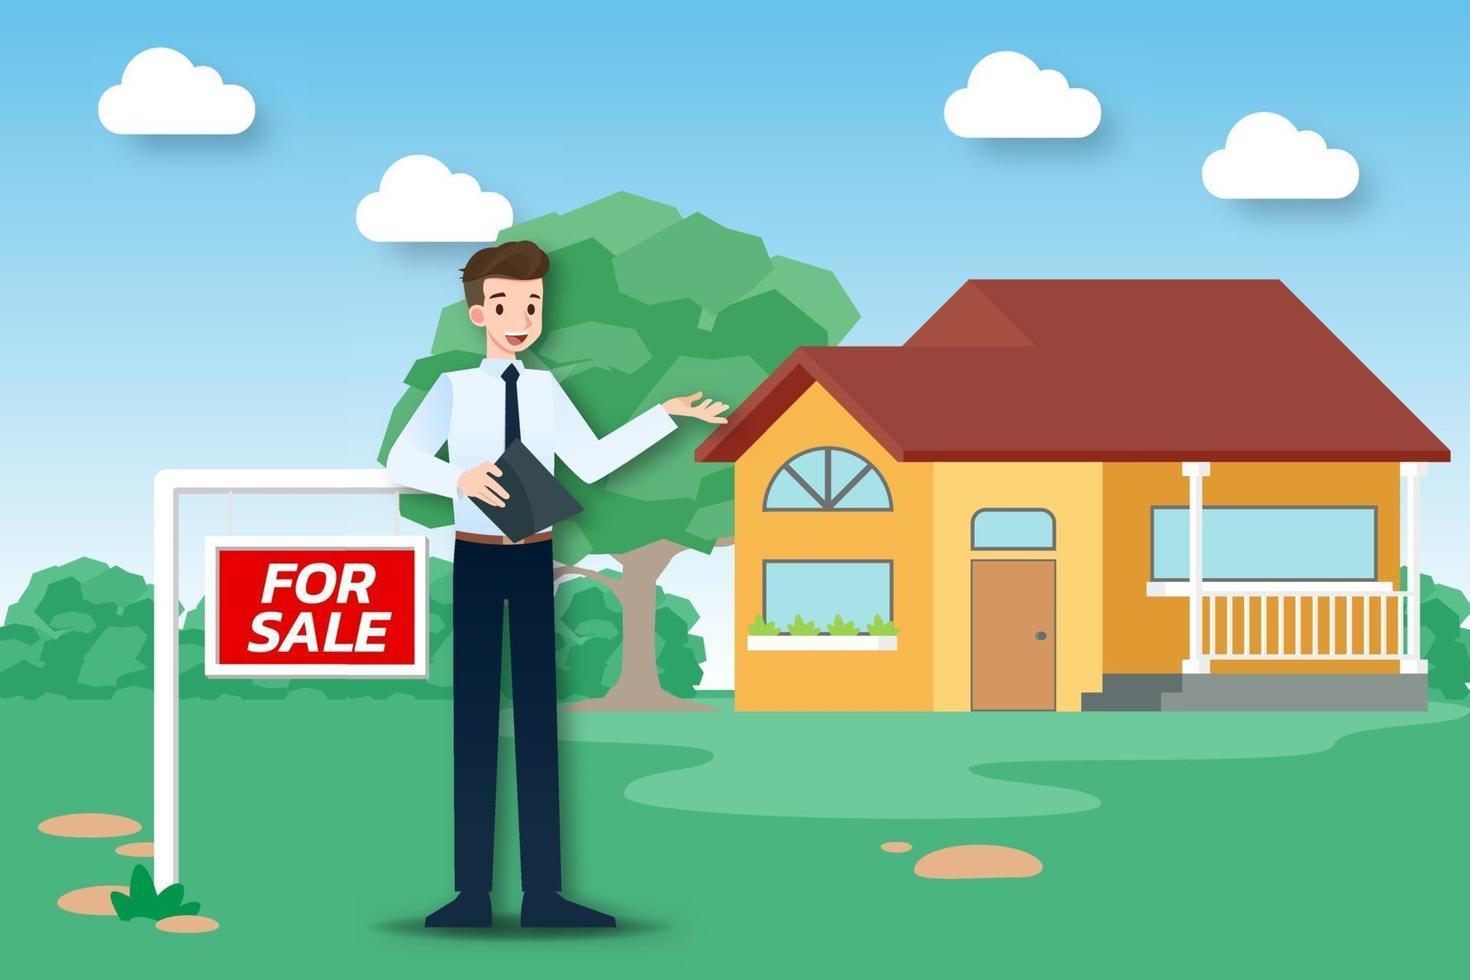 l'agent immobilier montre la nouvelle belle maison moderne à vendre au client. illustration vectorielle au design plat. vecteur